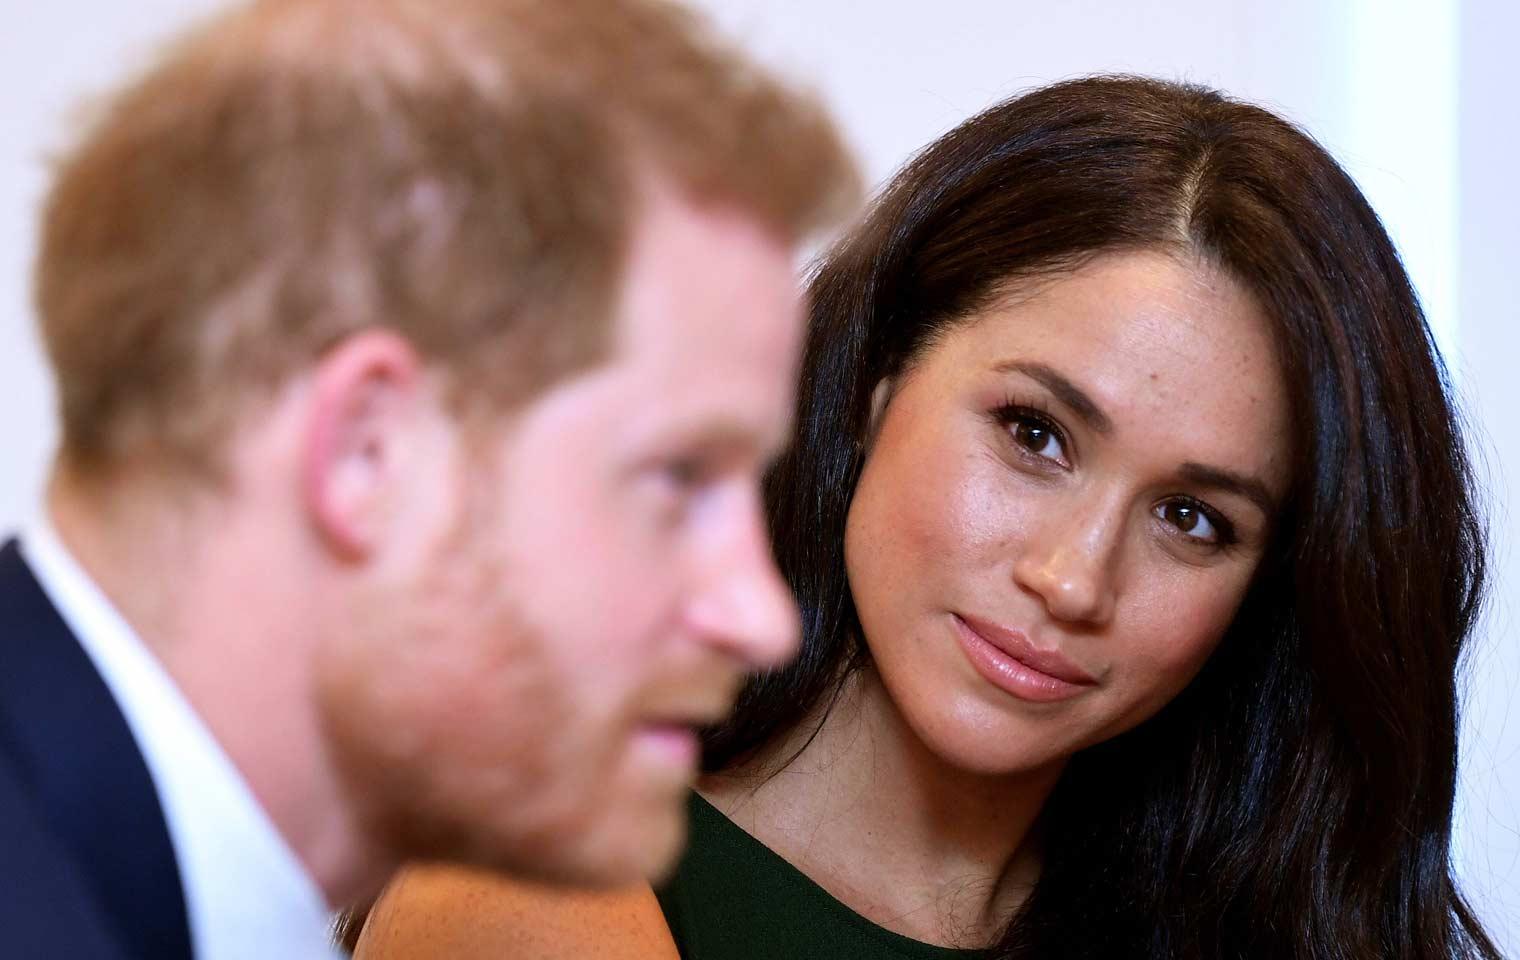 Meghan und Harry: Wird ihr Interview jetzt abgesagt?